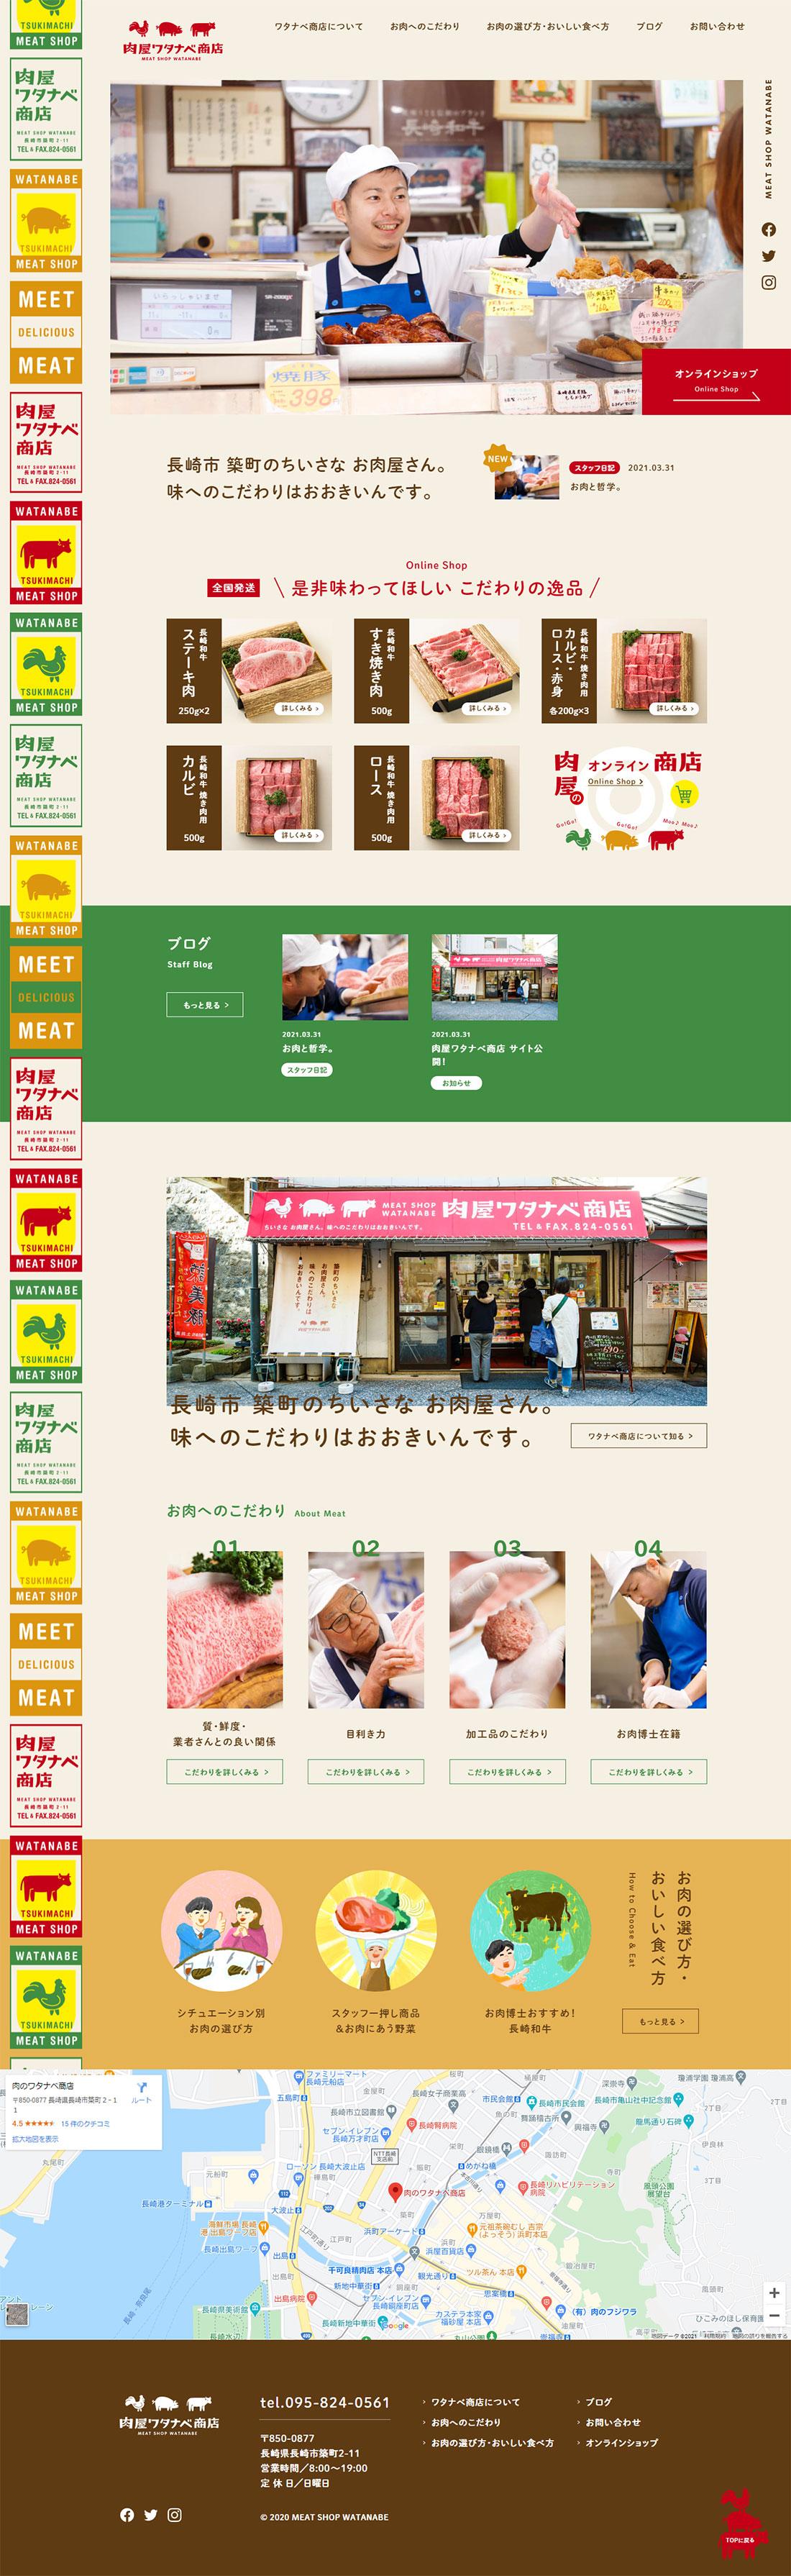 肉屋ワタナベ商店